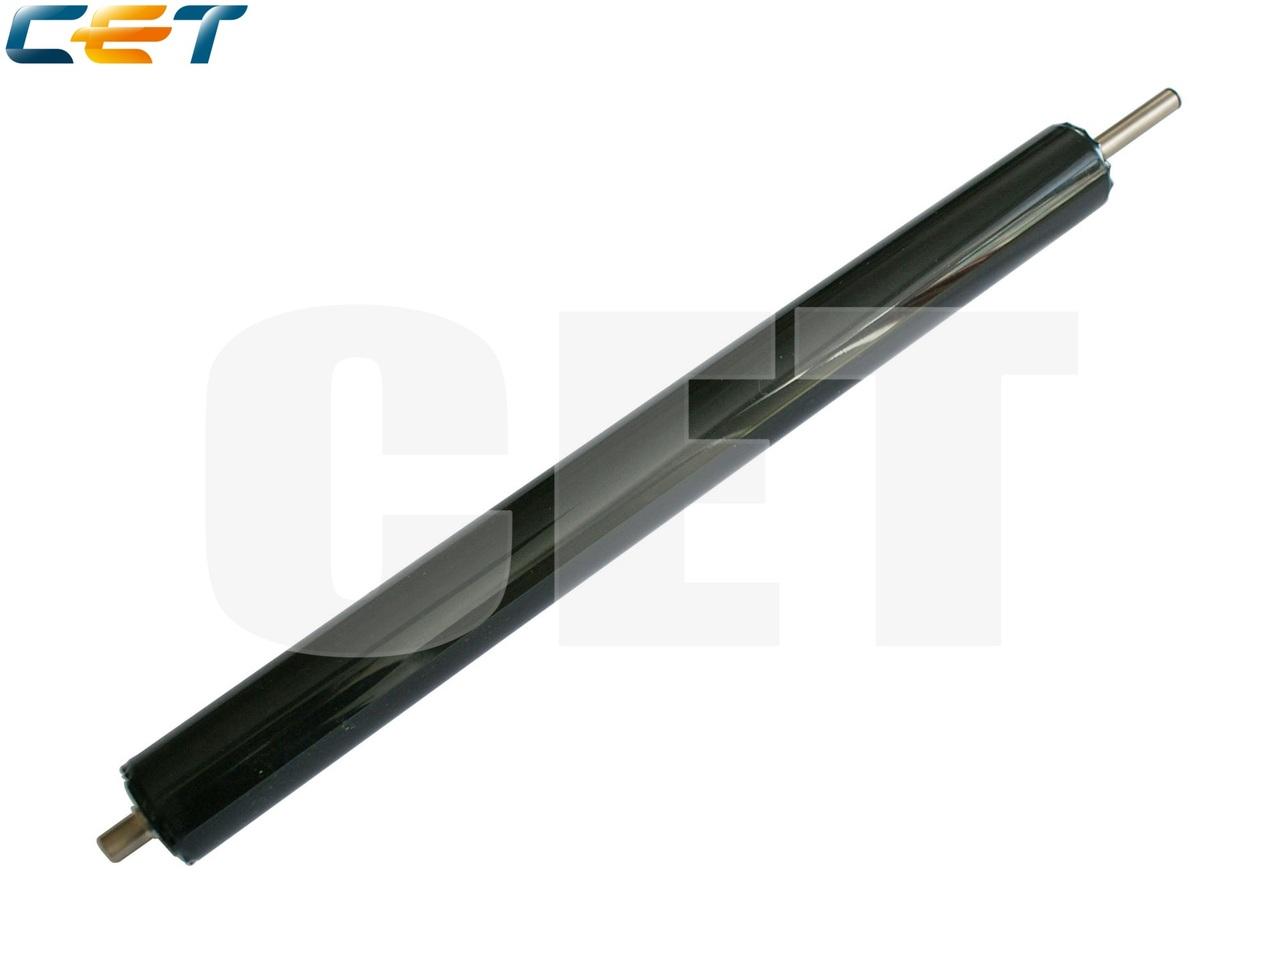 Резиновый вал FC6-7207-000 для CANONiR3030/3035/3045/3230/3570 (CET), CET3707